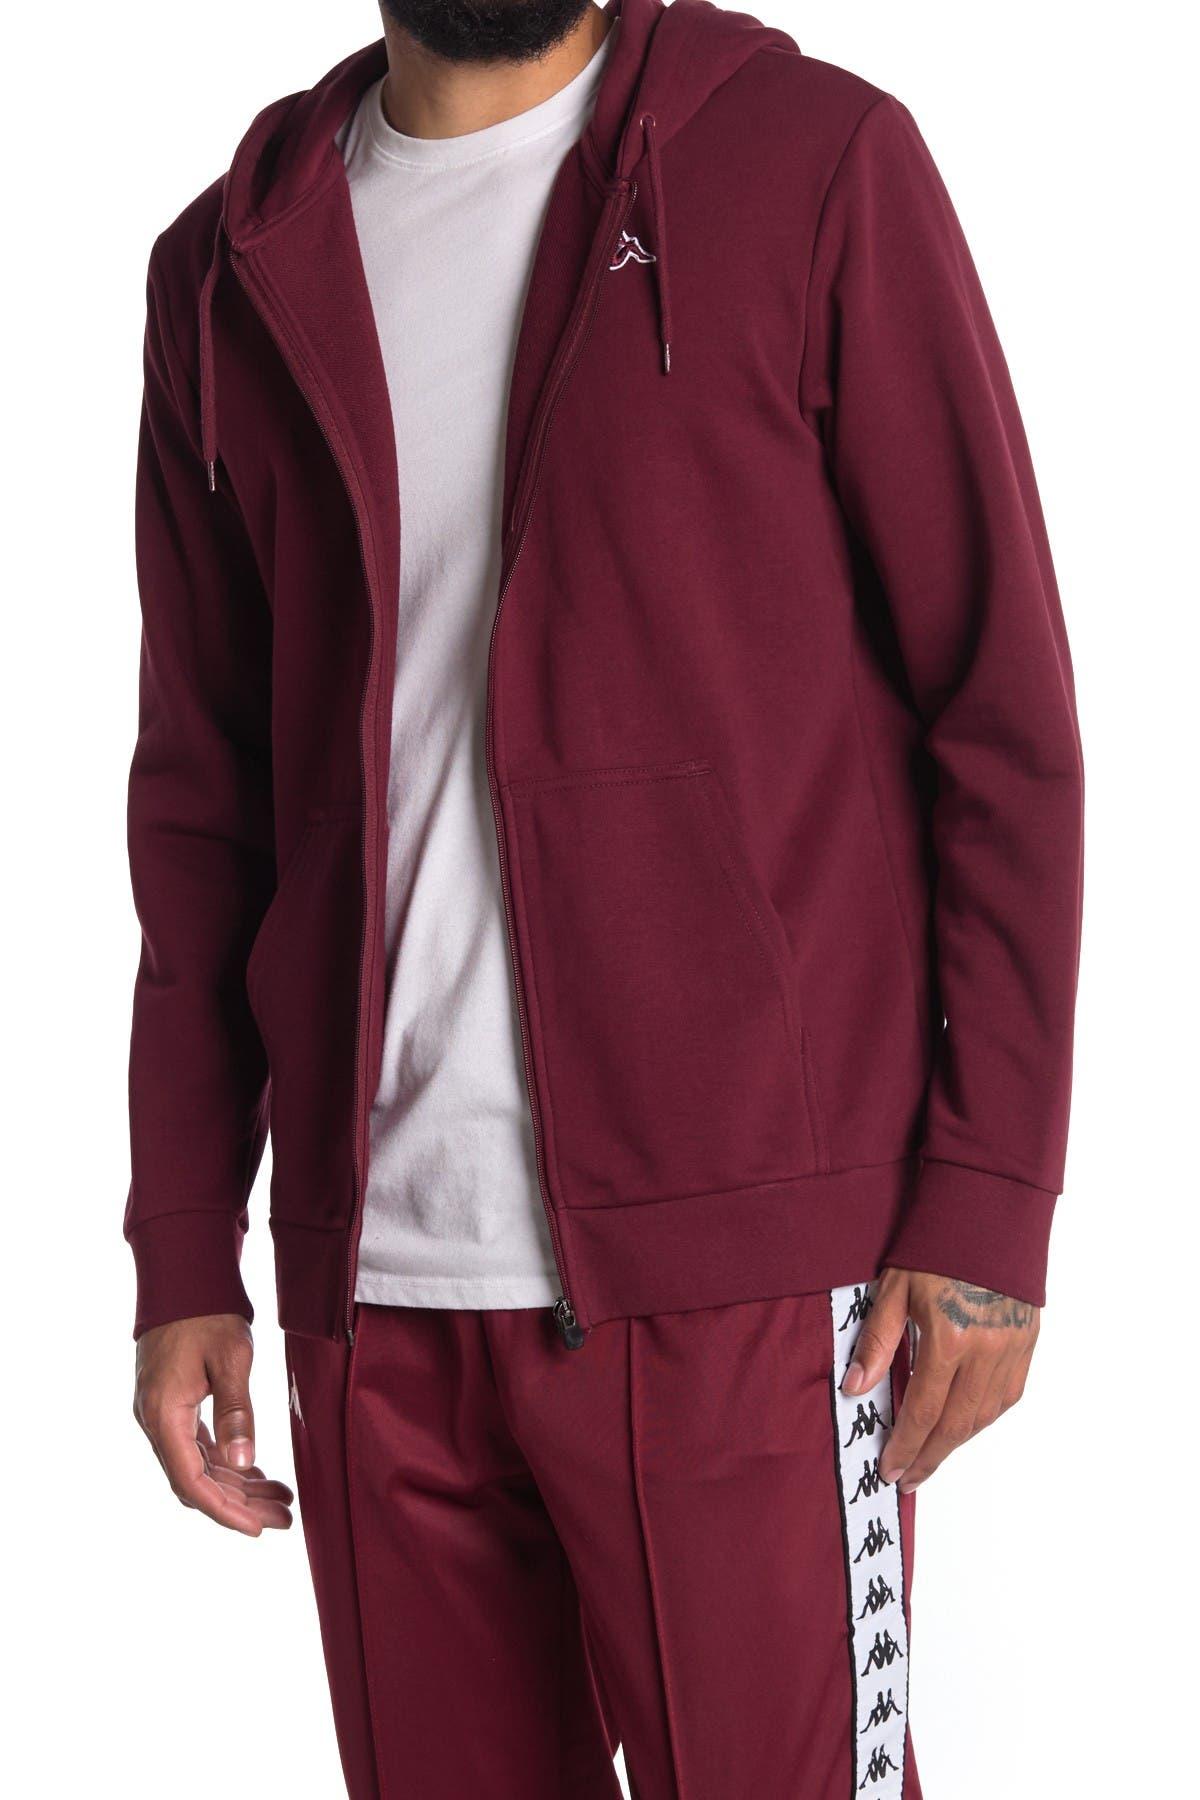 Image of Kappa Active Logo Jackok Zip Front Jacket